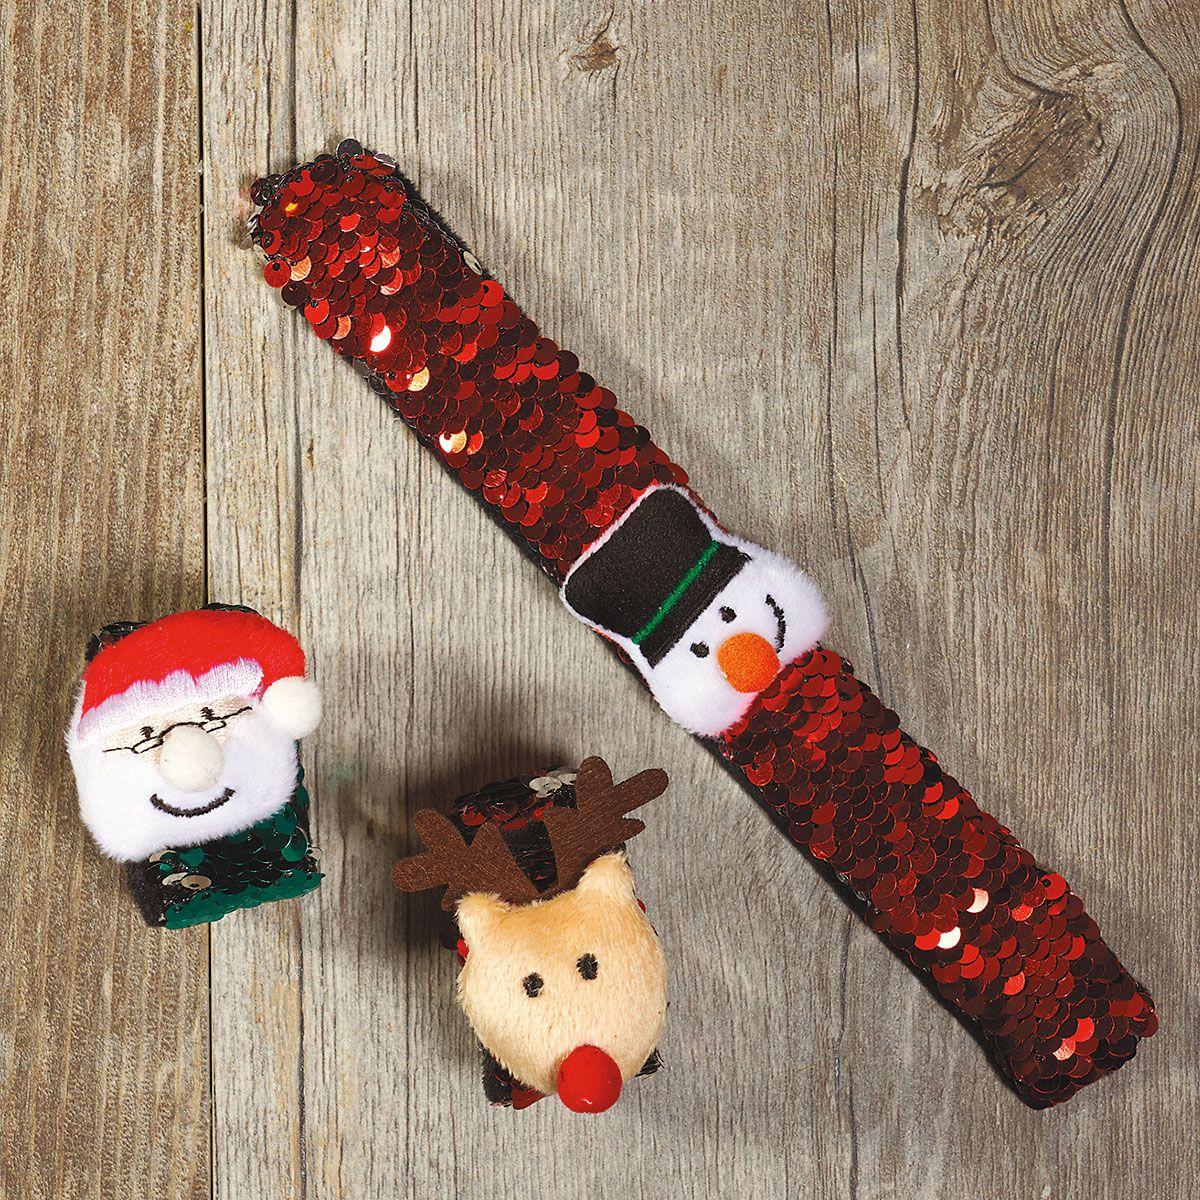 Holiday Slap Bracelets